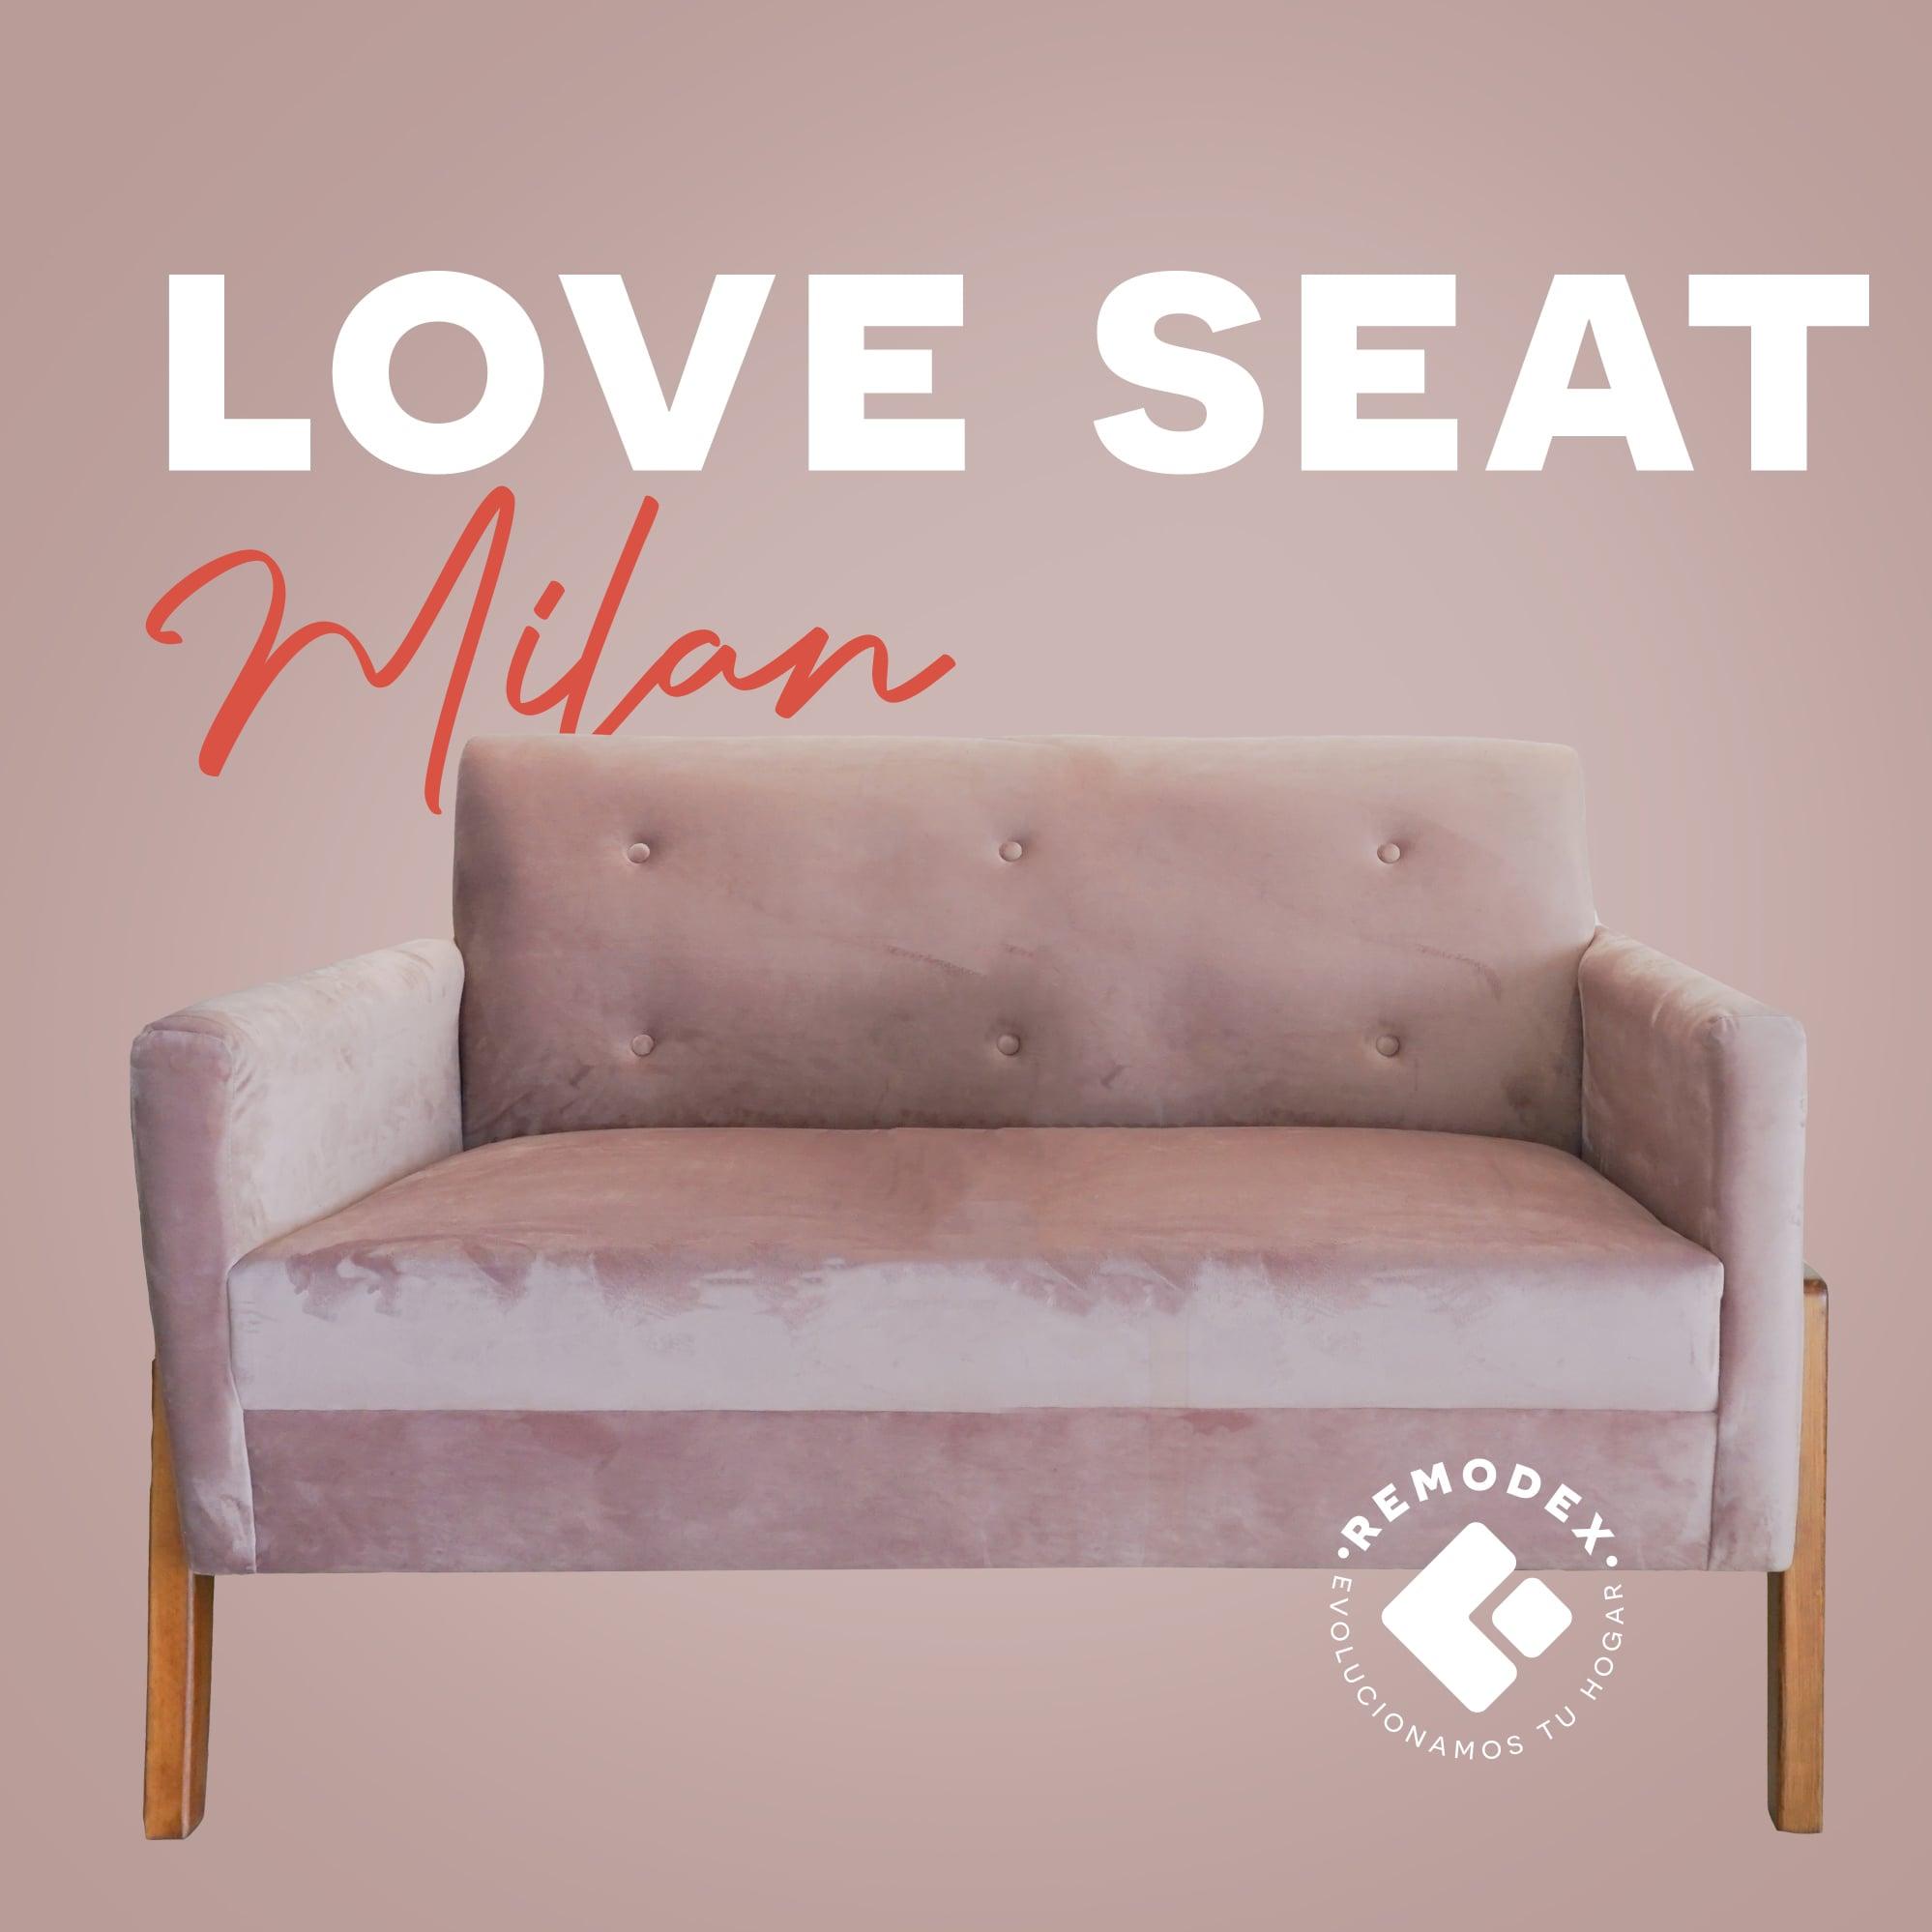 LOVE SEAT MILAN